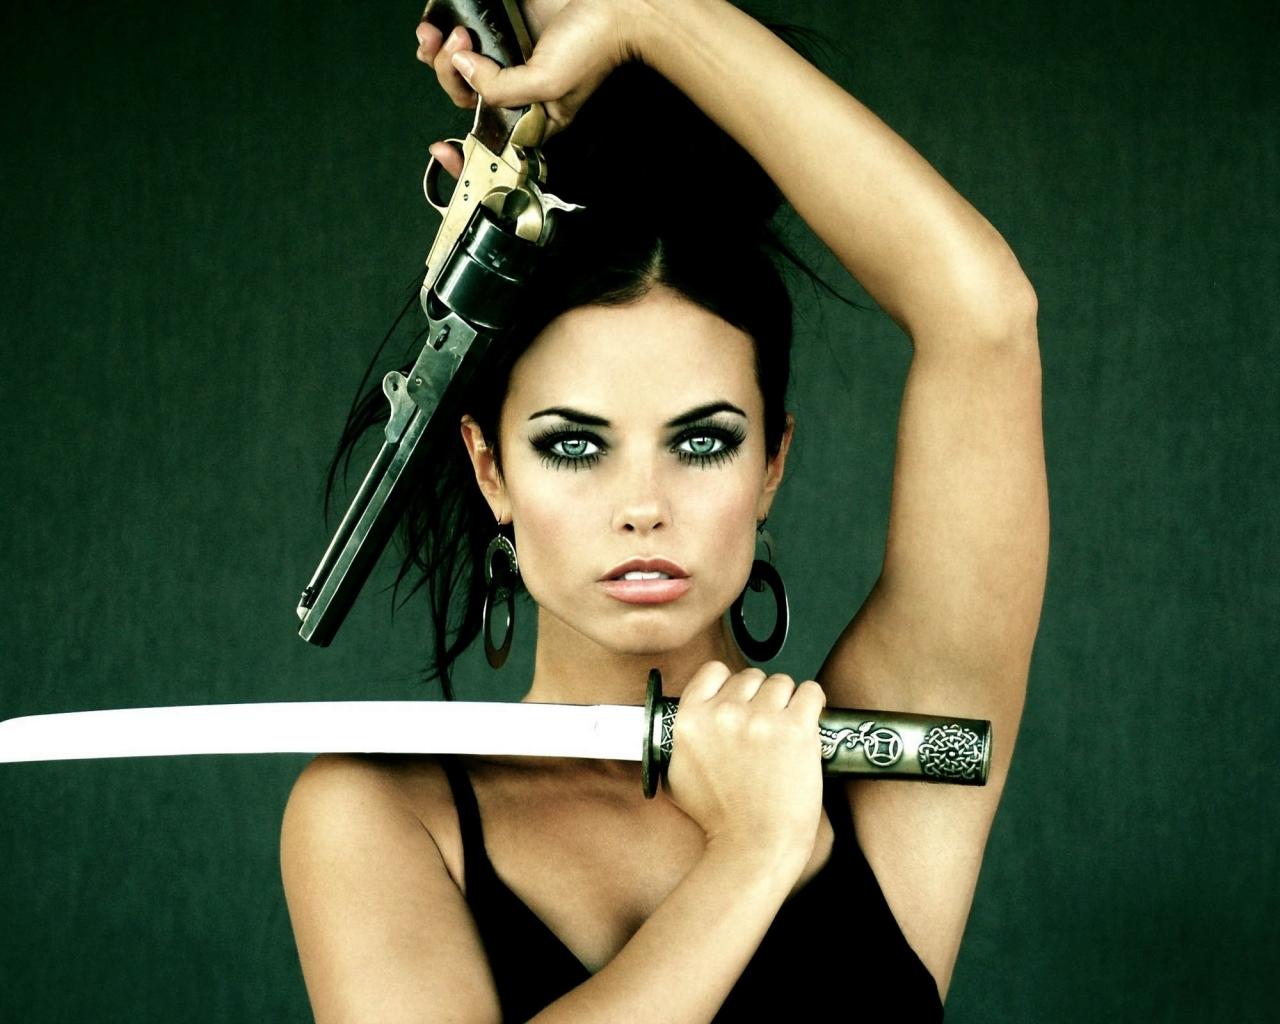 Chica con armas - 1280x1024